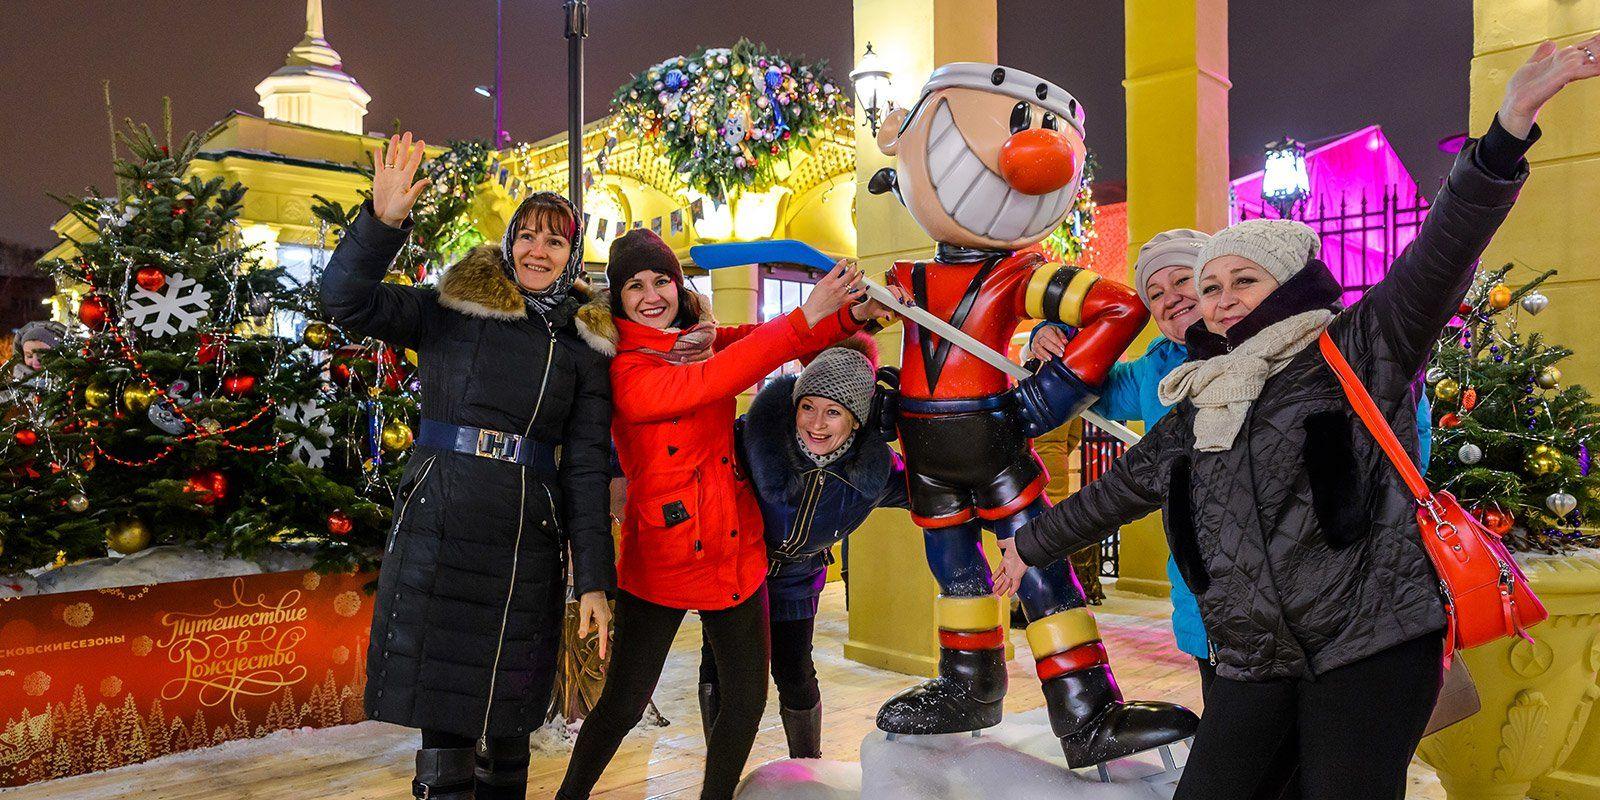 Фестиваль «Путешествие в Рождество» посвятят 55-летию первого выхода человека в открытый космос. Фото: сайт мэра Москвы